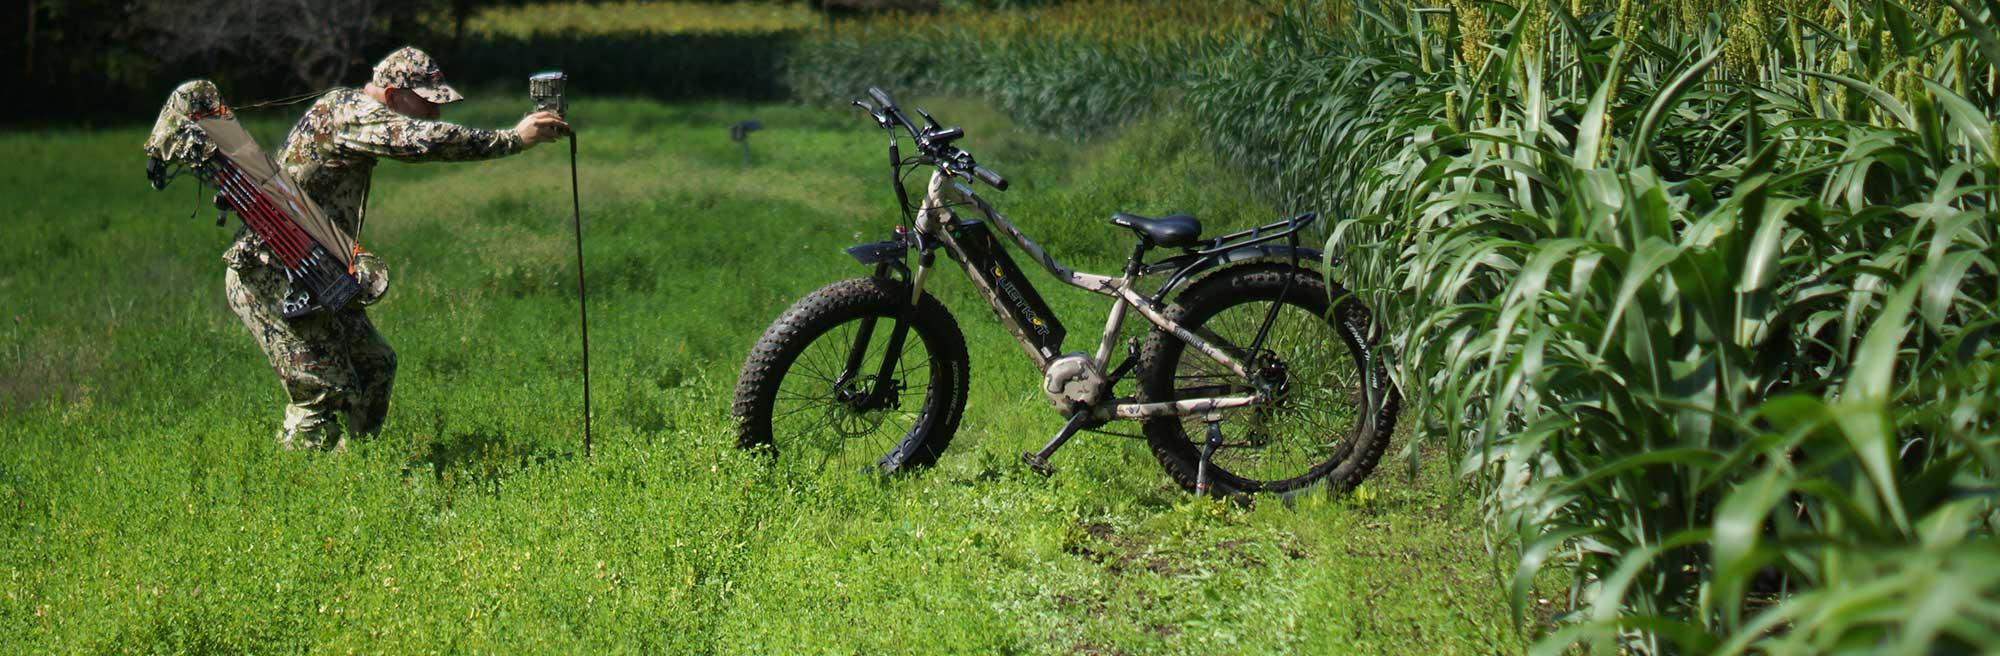 Review Quietkat Ambush 750 Lt Zion Fat Tire Hunting Bike By